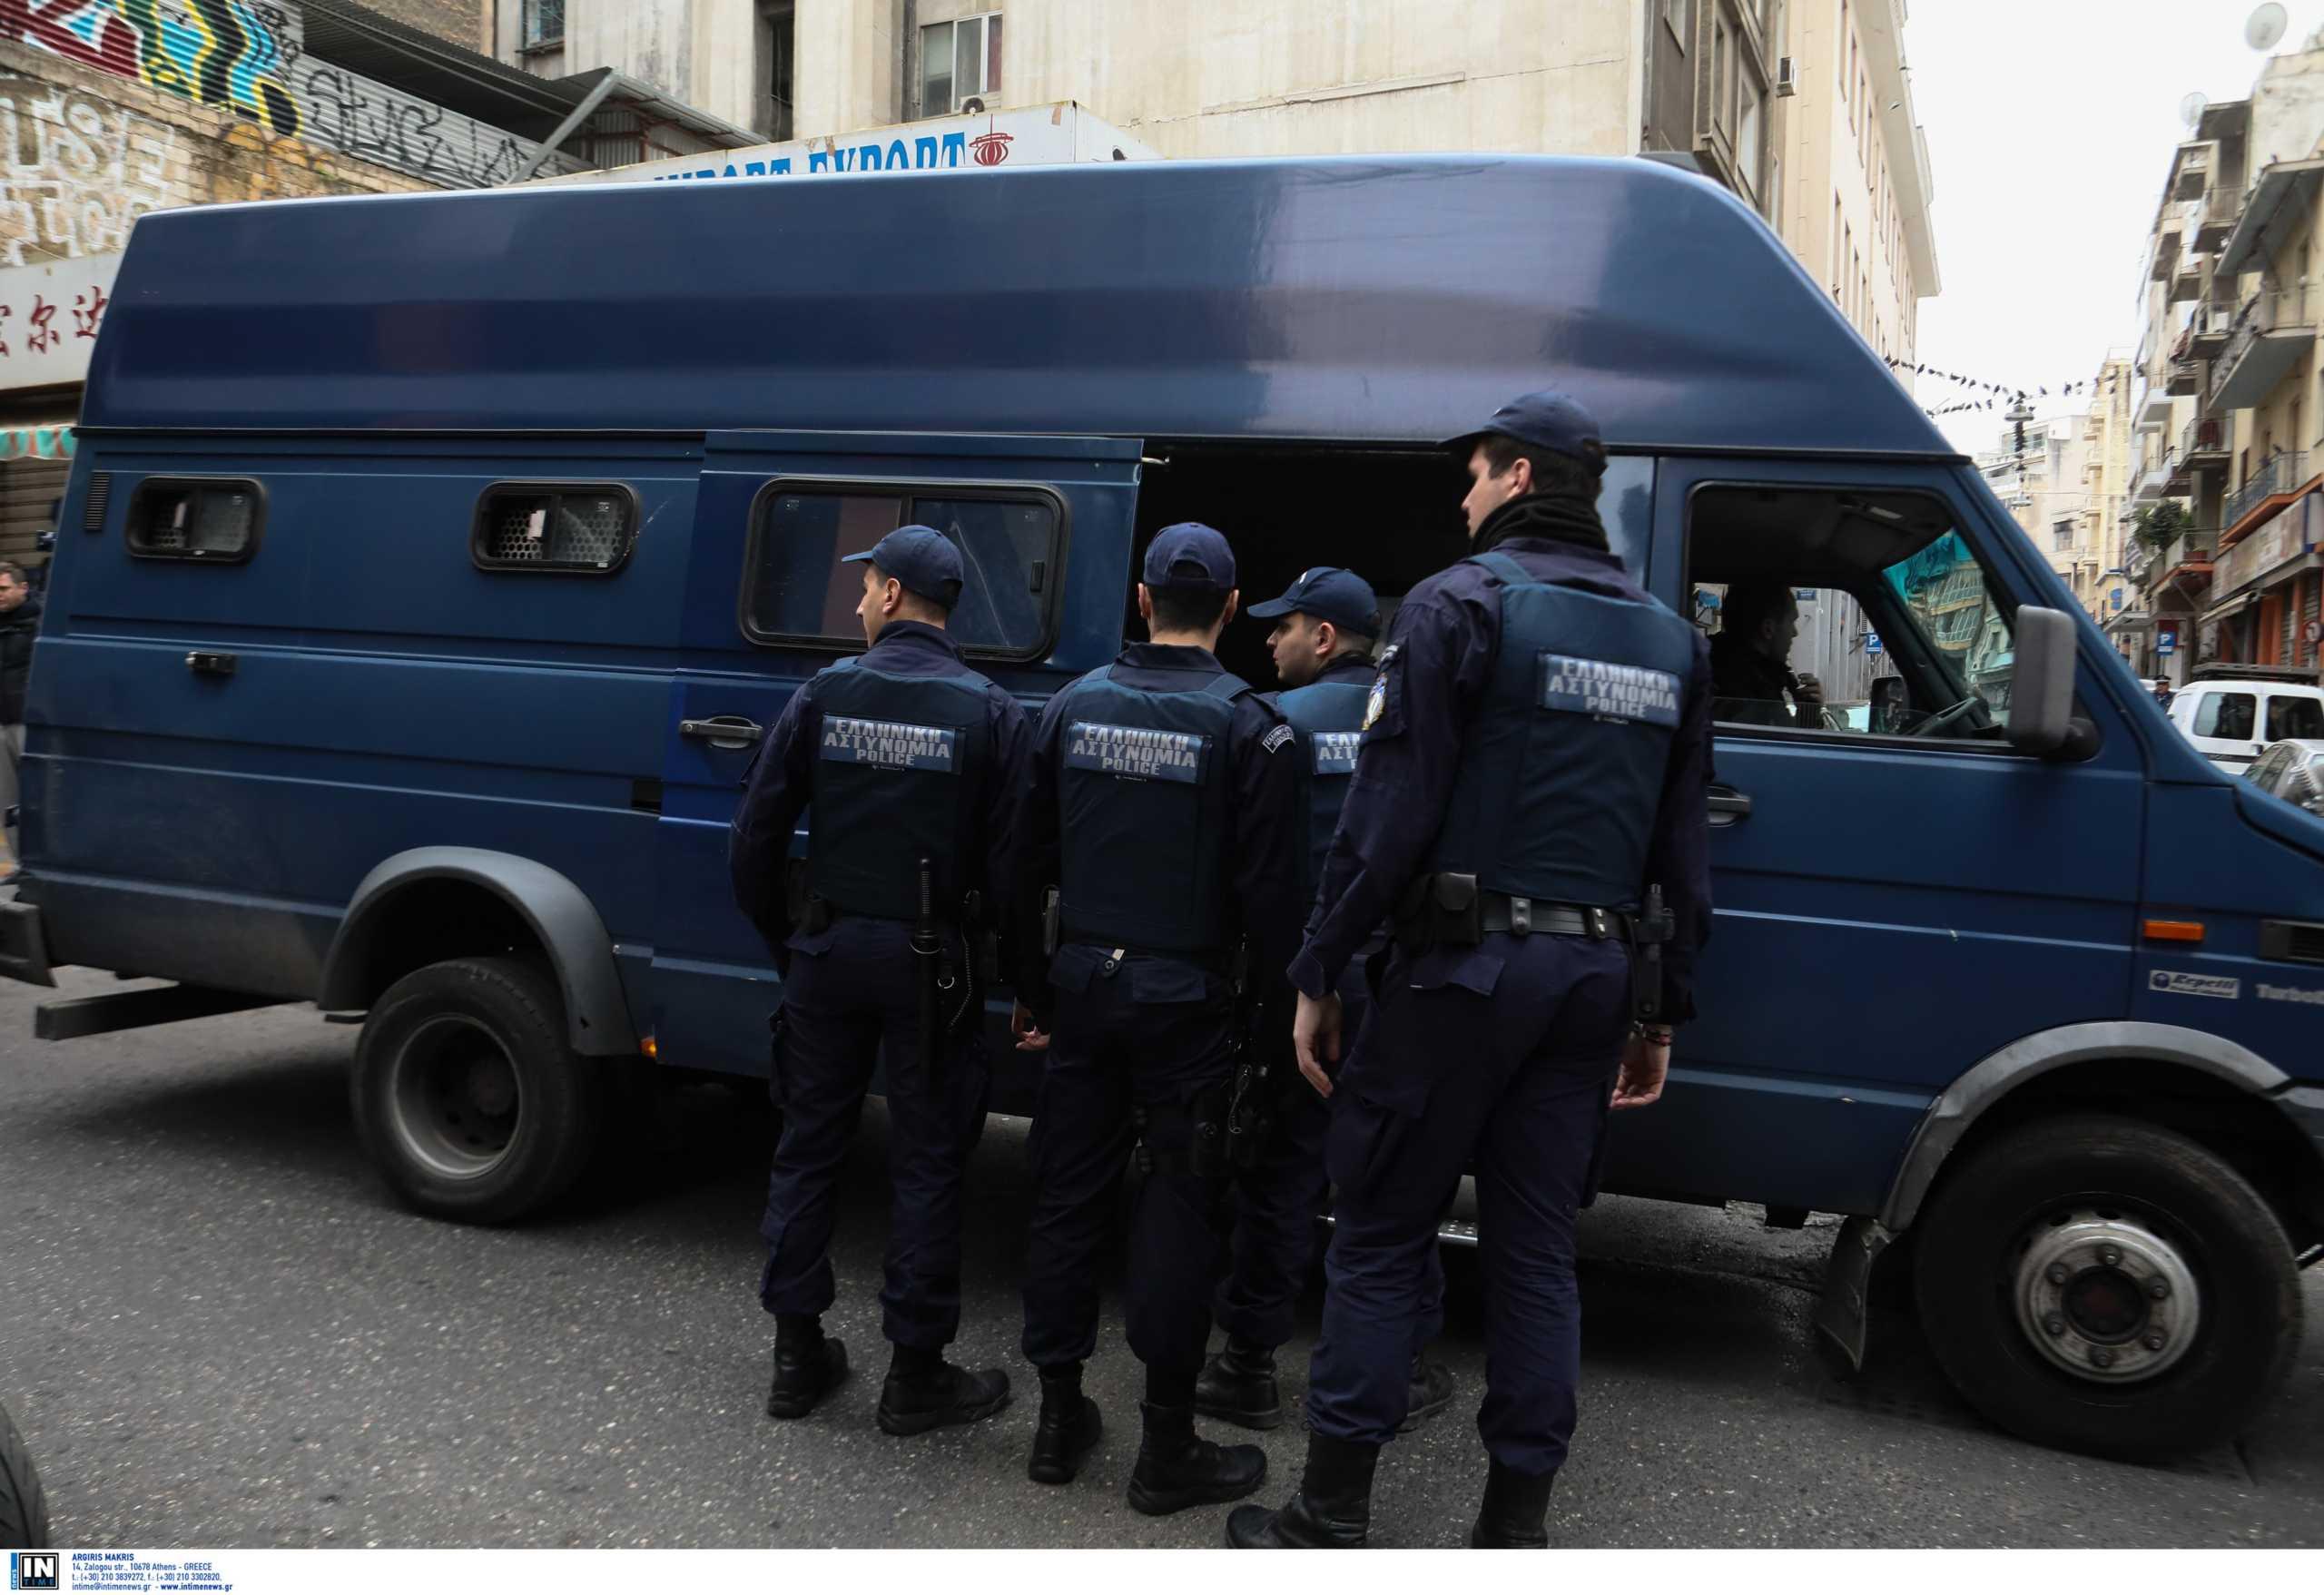 Μαίνονται οι αντιδράσεις για τις συλλήψεις Παπαδάκη – Καμπαγιάννη